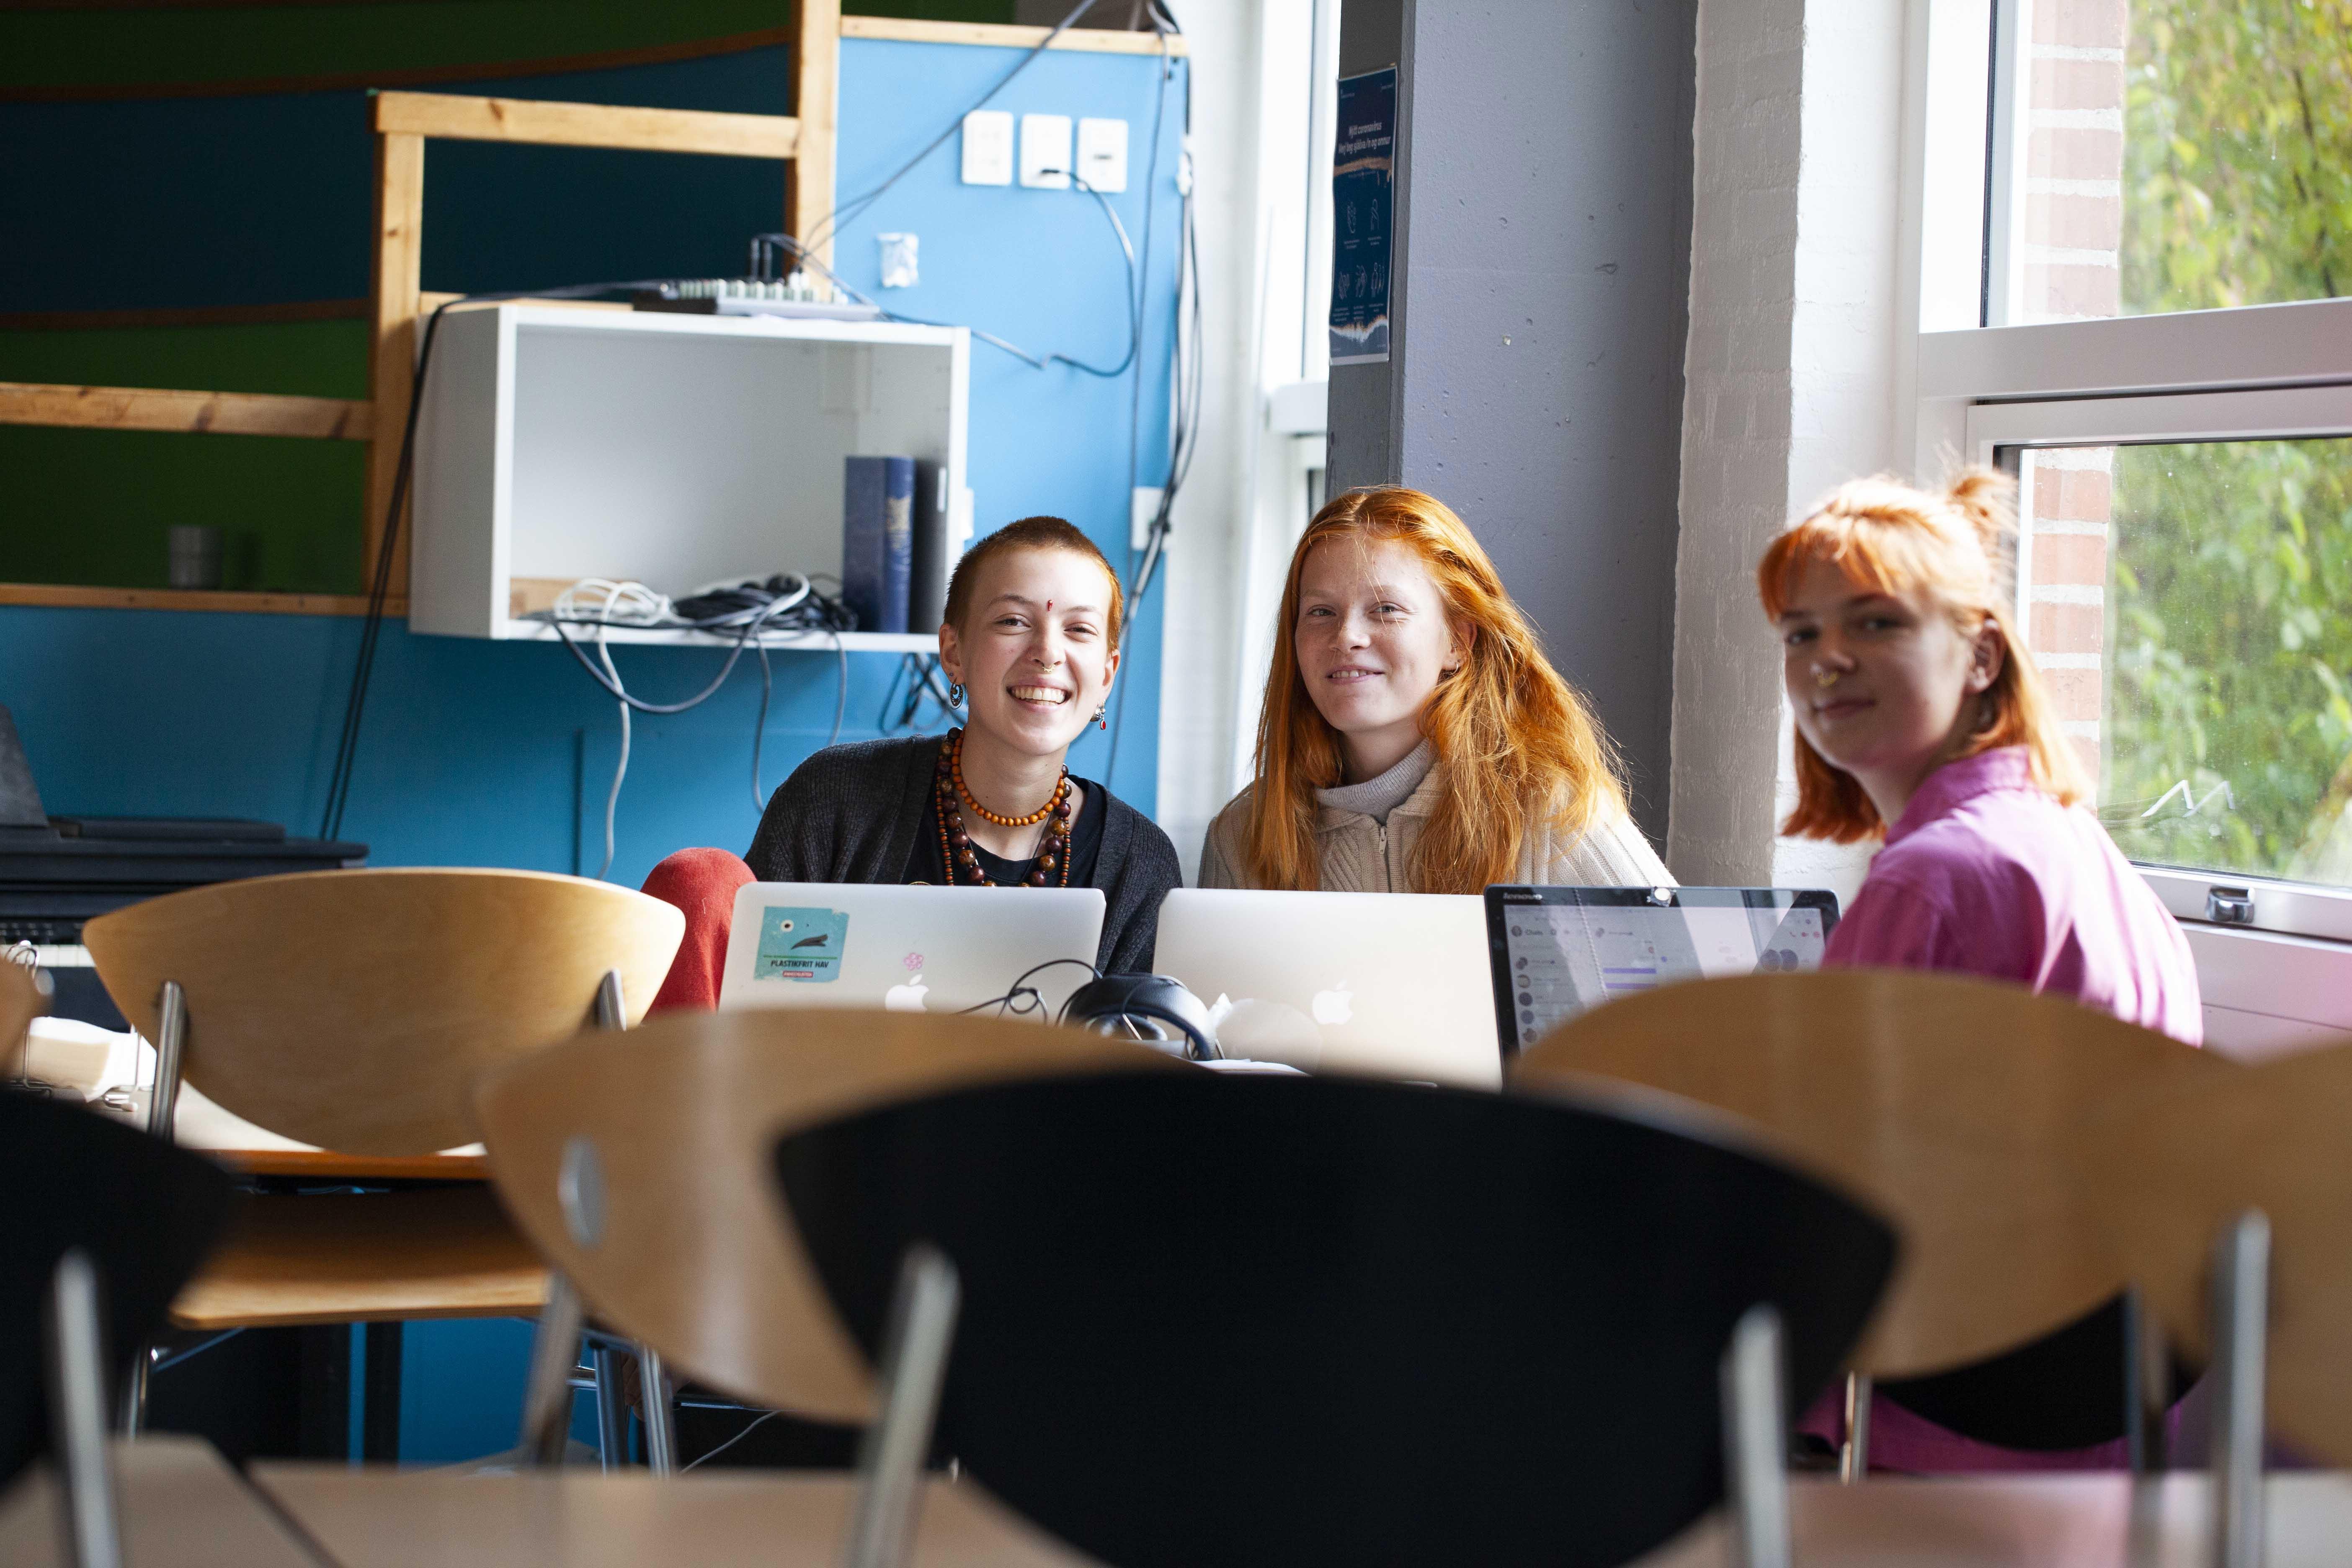 Elever fra Langelands Efterskole udveksler idéer til, hvordan de kan gøre deres efterskole endnu mere bæredygtig.  Foto: Mie Lorentzen